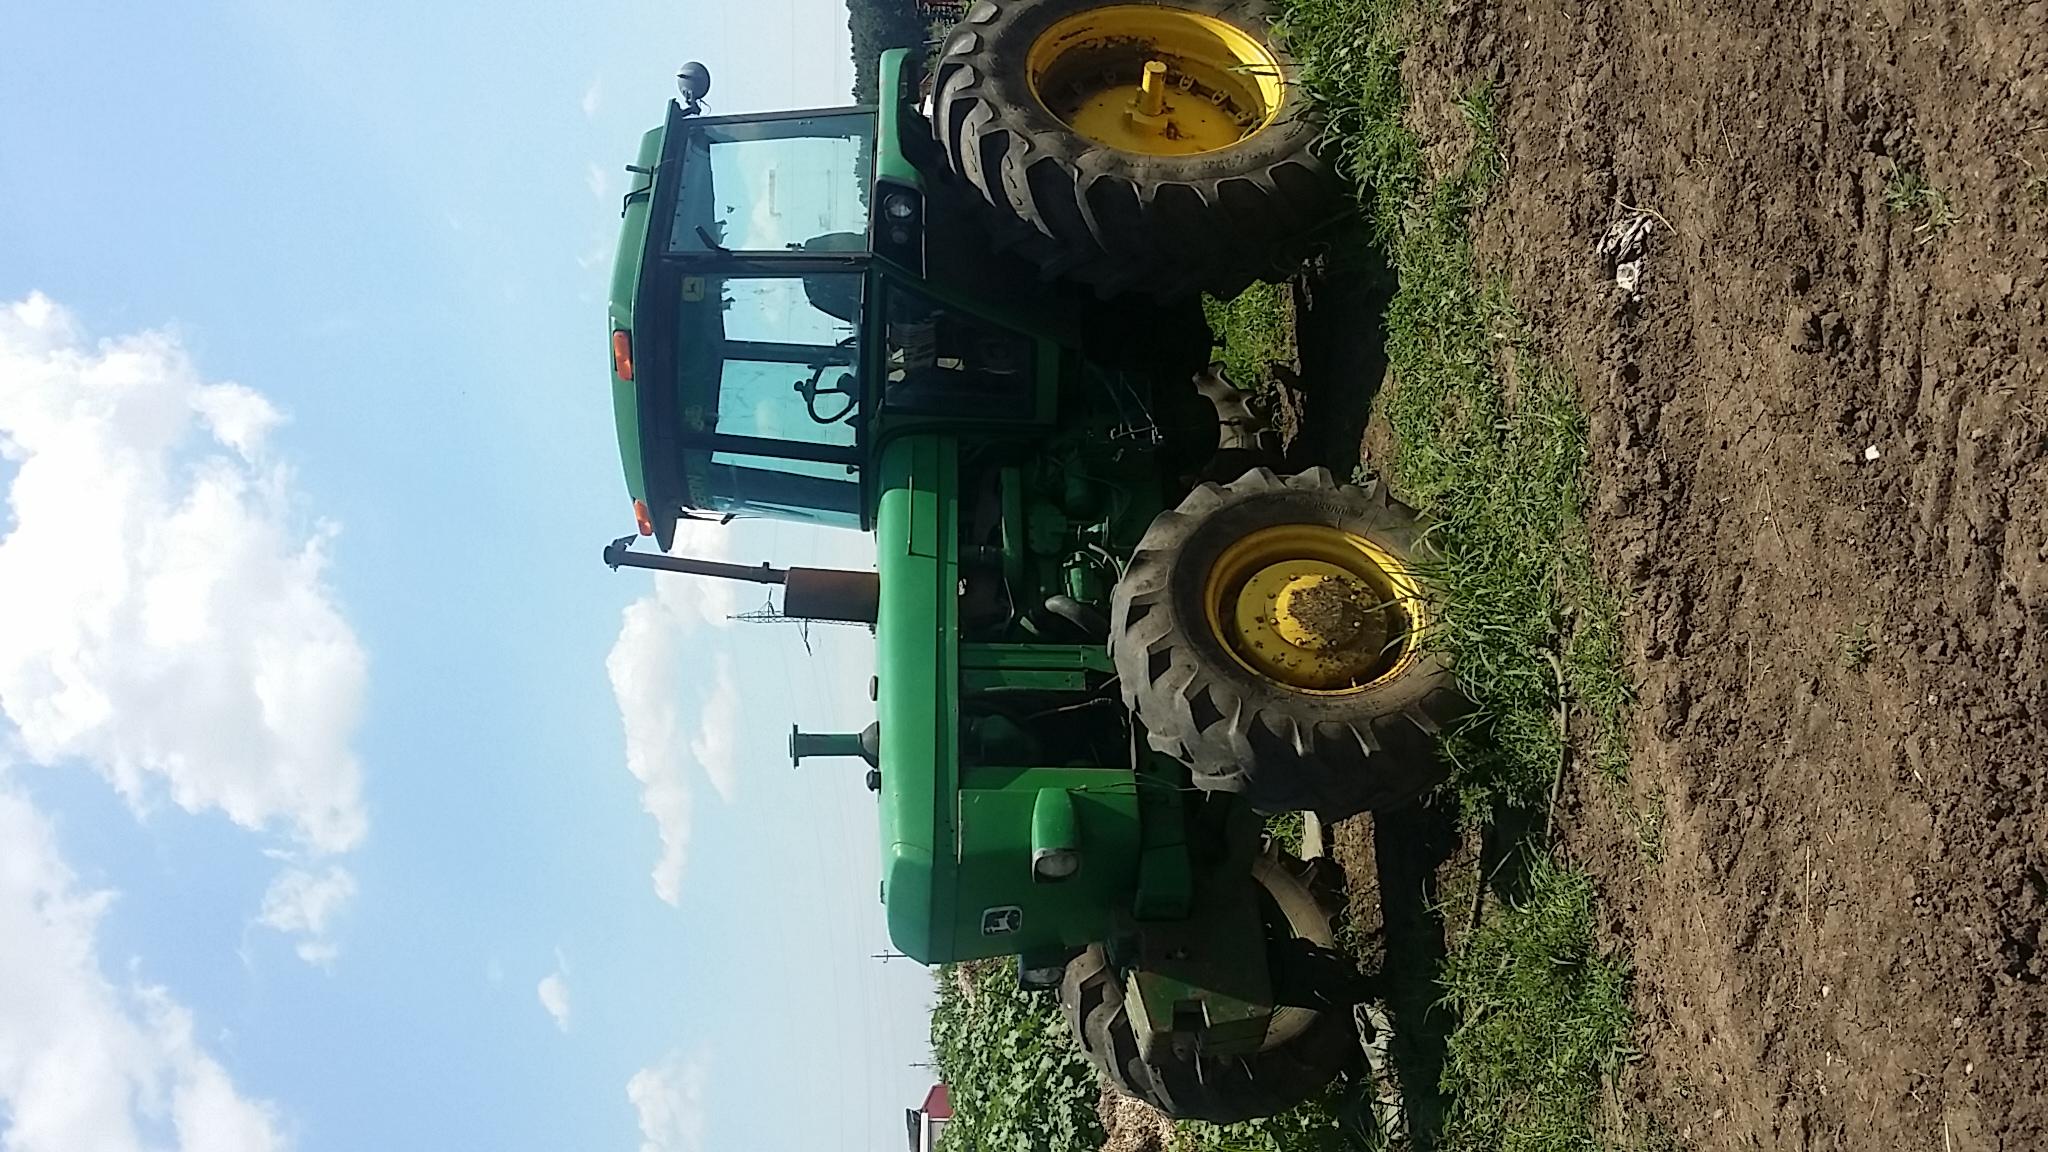 Dezmembrez tractor john deere 4240